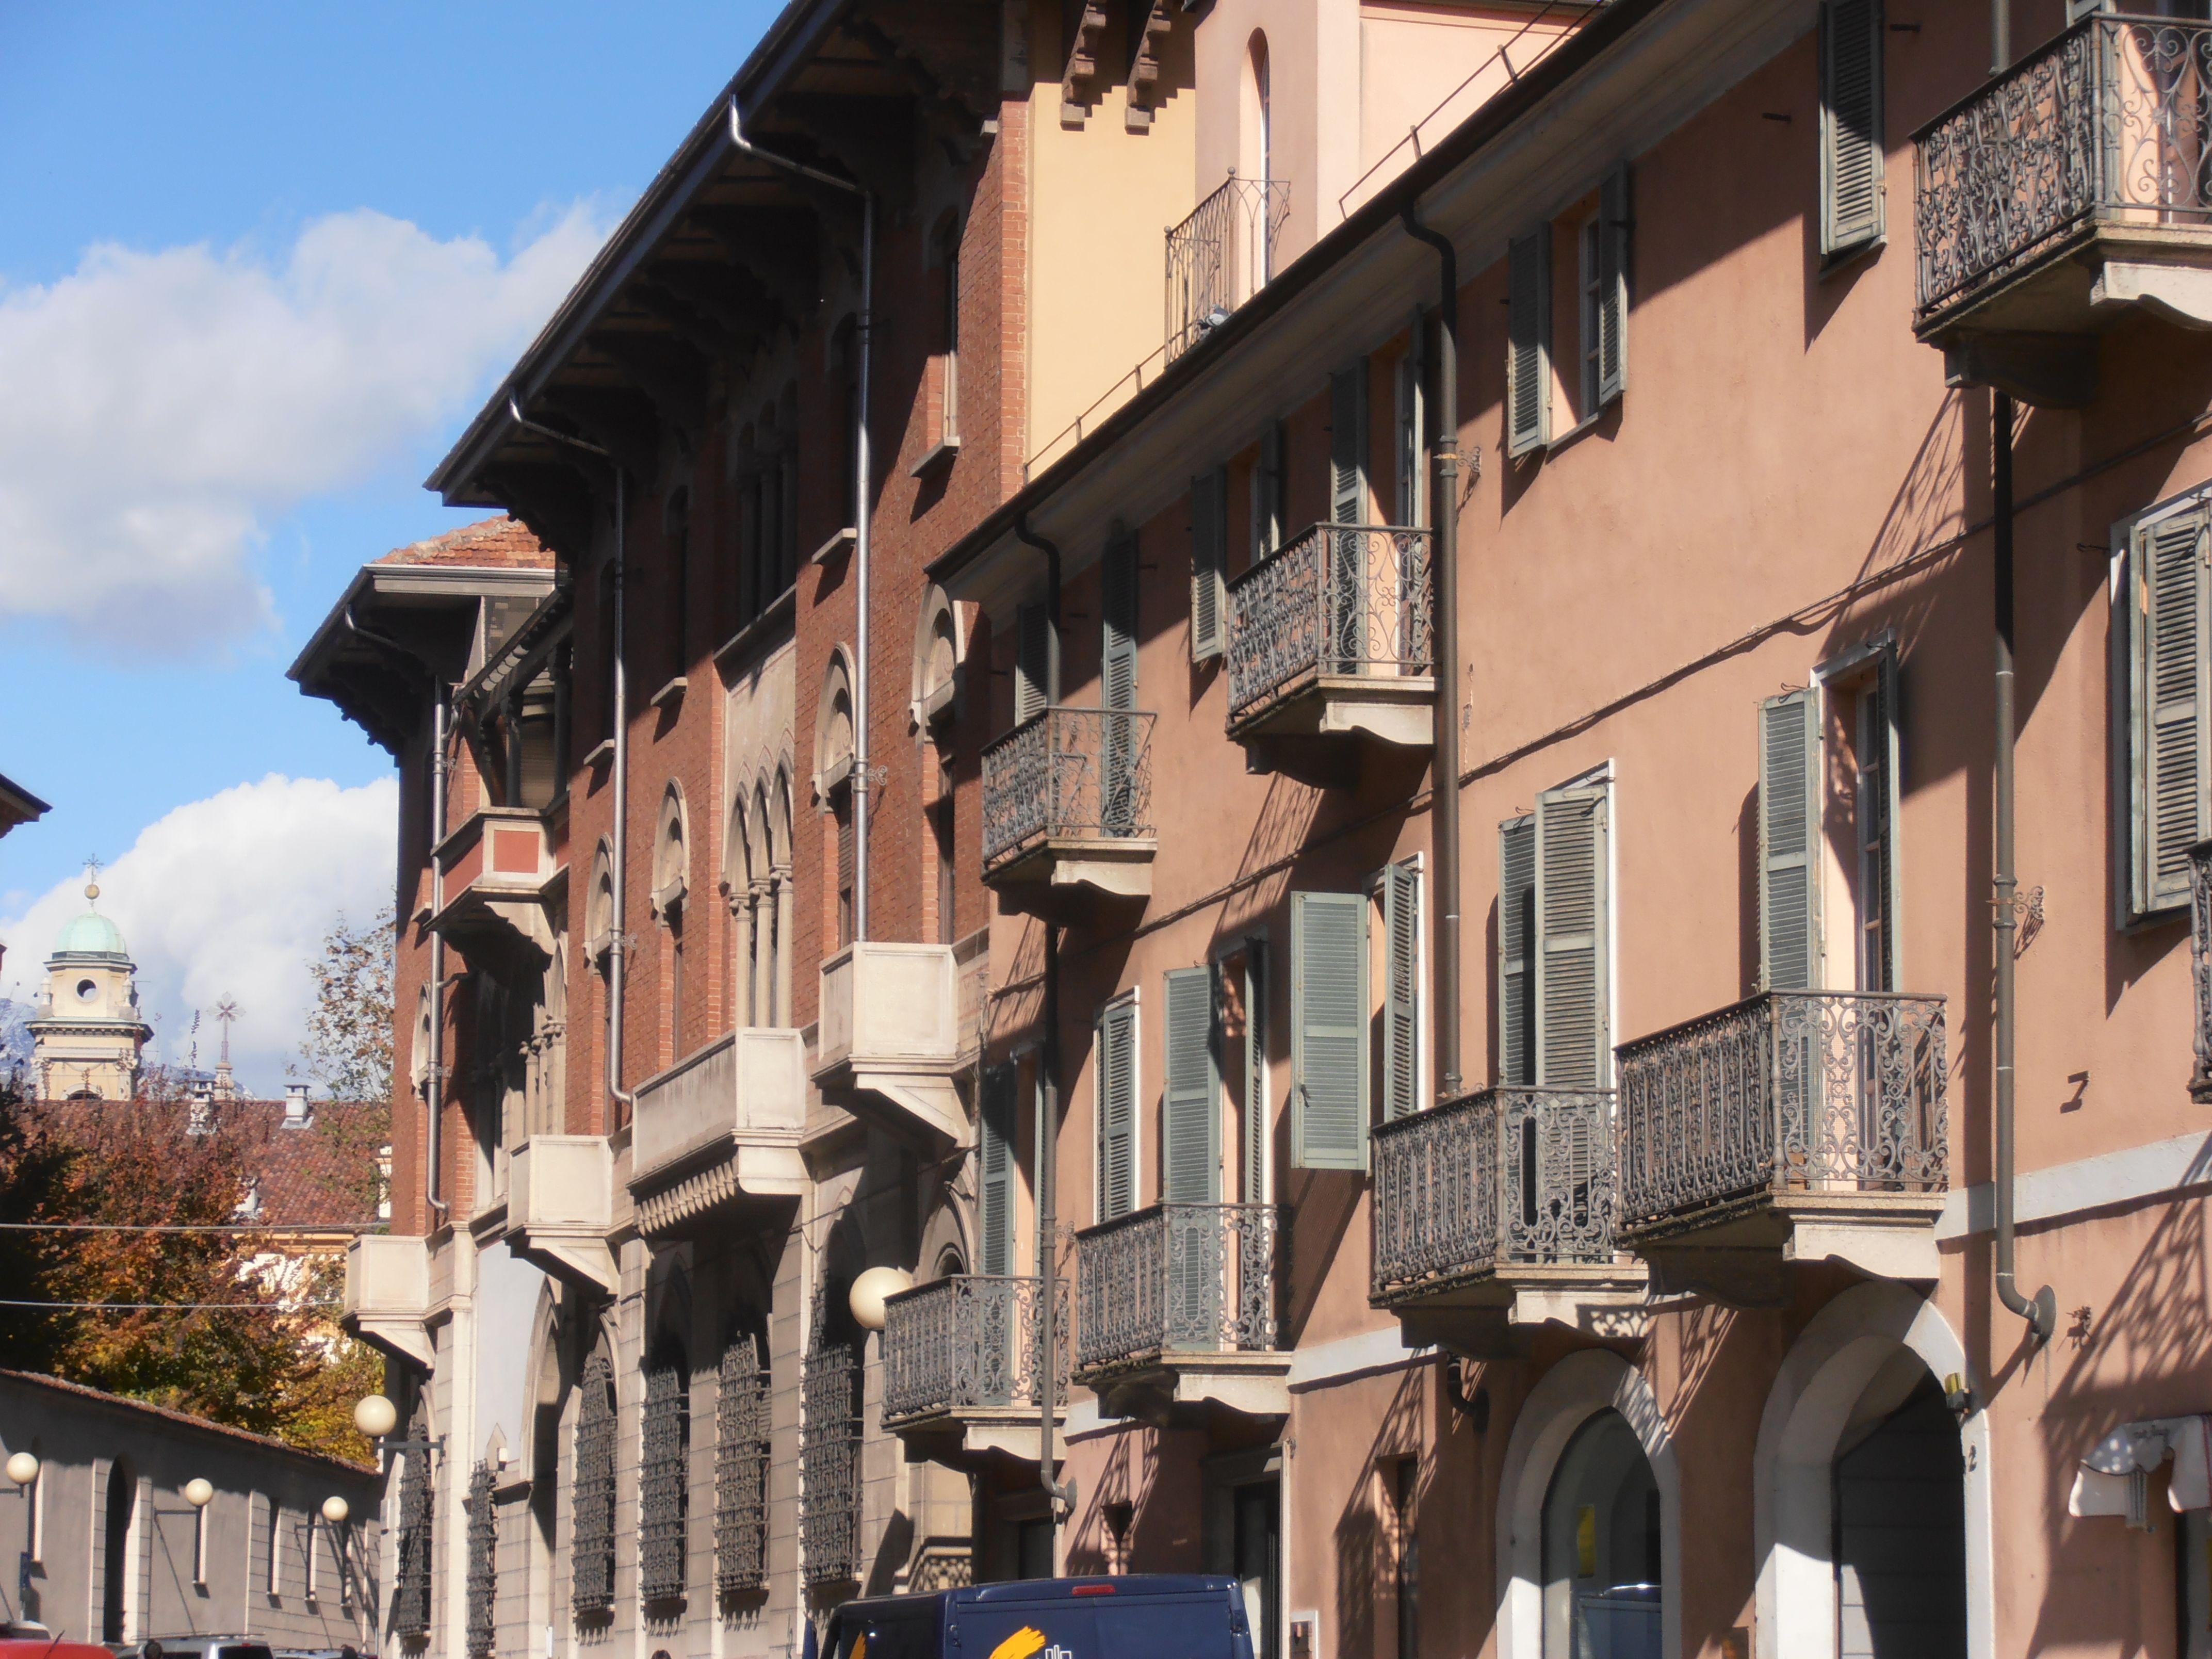 Balconi Esterni In Legno : Due caratteristiche dei palazzi storici di questo quartiere: i